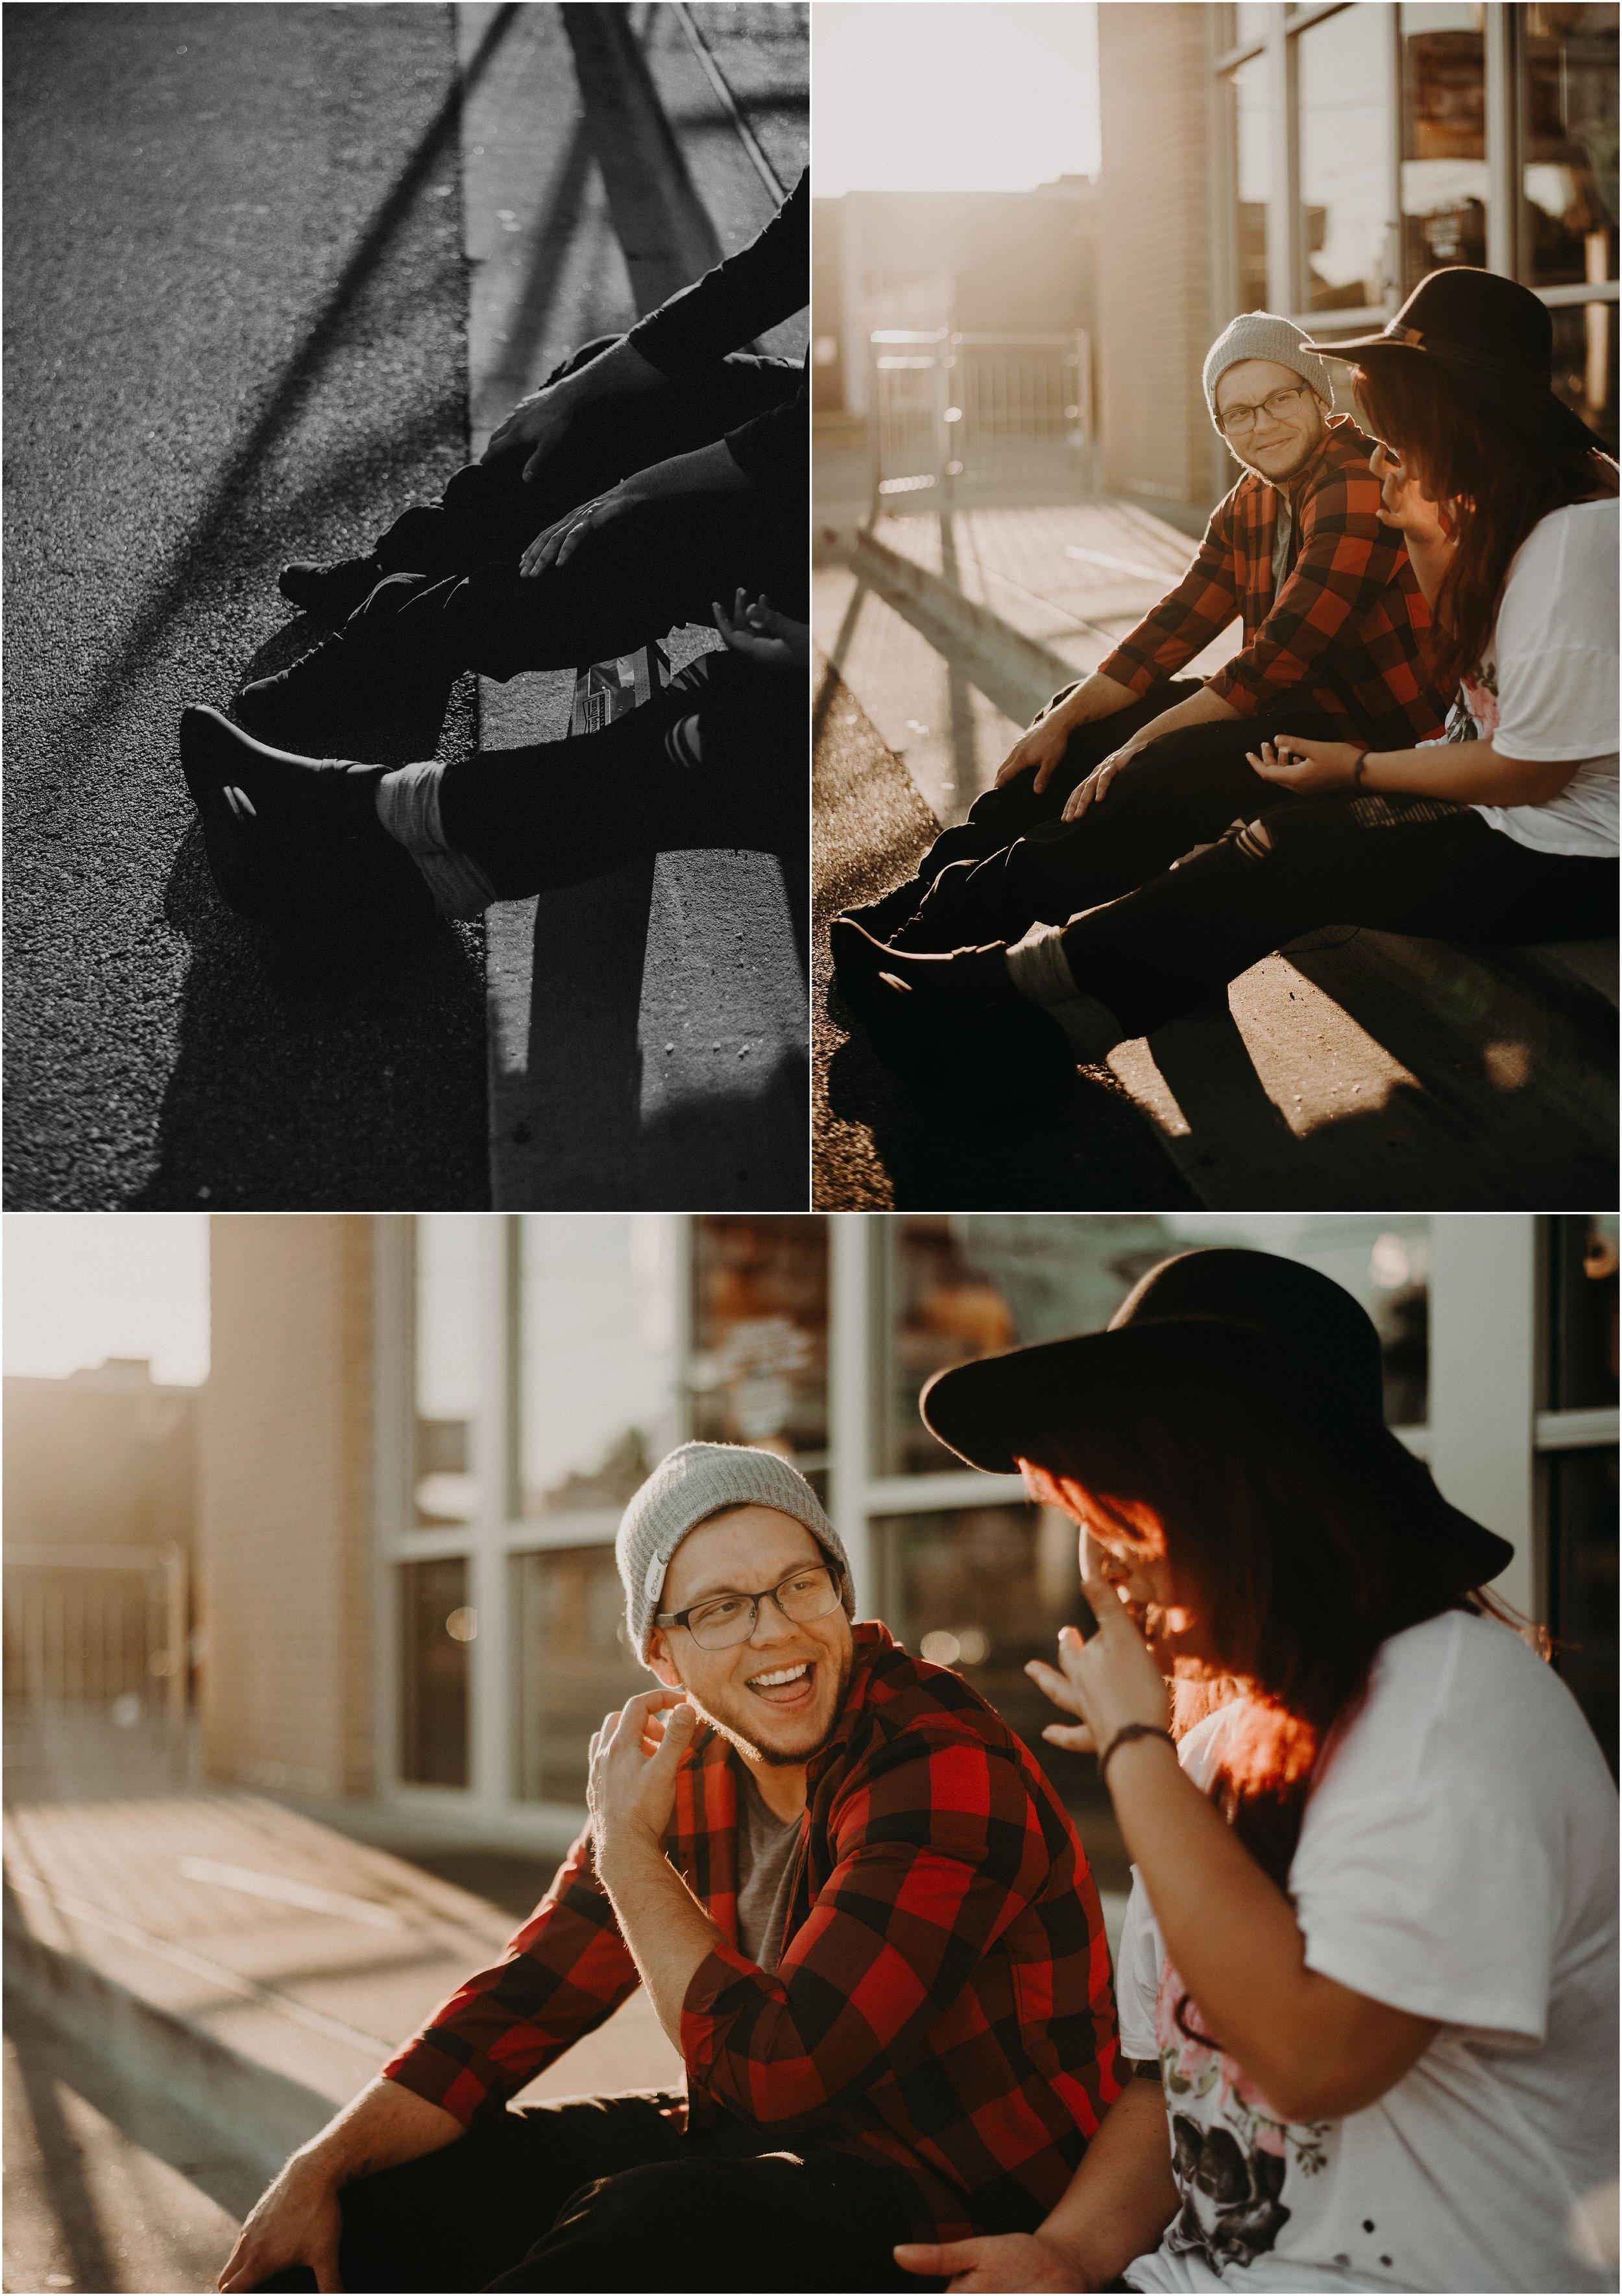 Love story photo session at Krispy Kreme